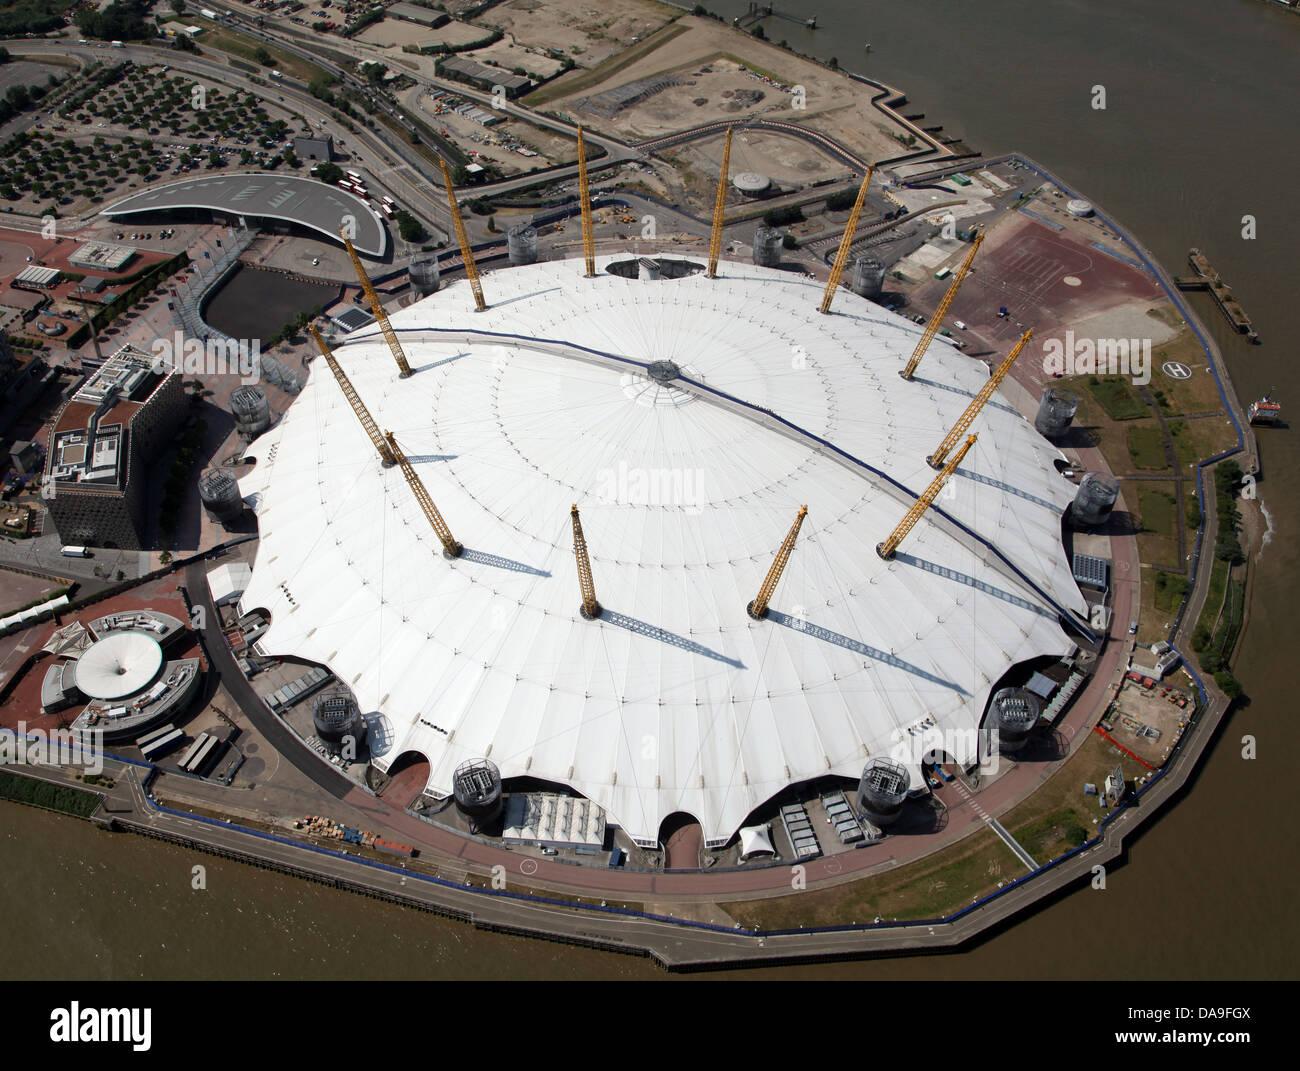 O2 Arena Aerial Stock Photos & O2 Arena Aerial Stock Images - Alamy